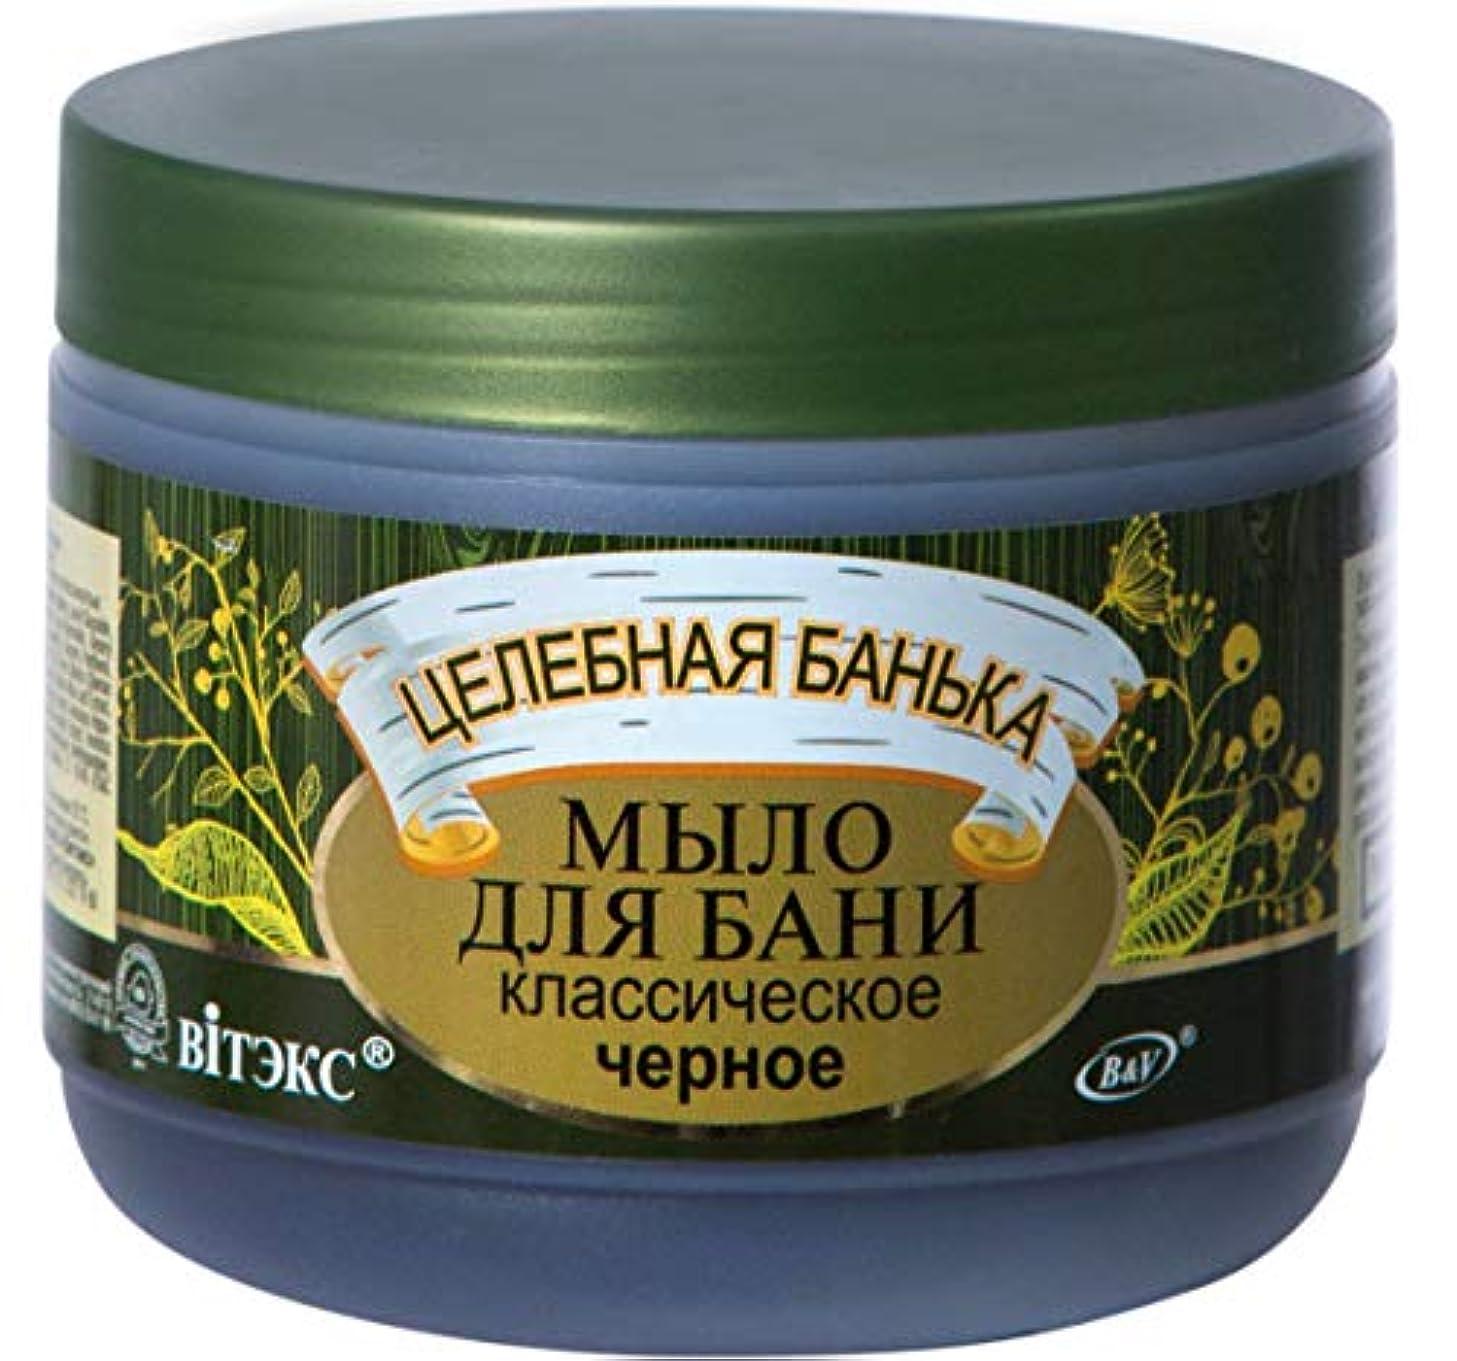 援助するさらに男やもめBIELITA & VITEX | Healing Bath | Classic Black Soap with 7 Natural Extracts